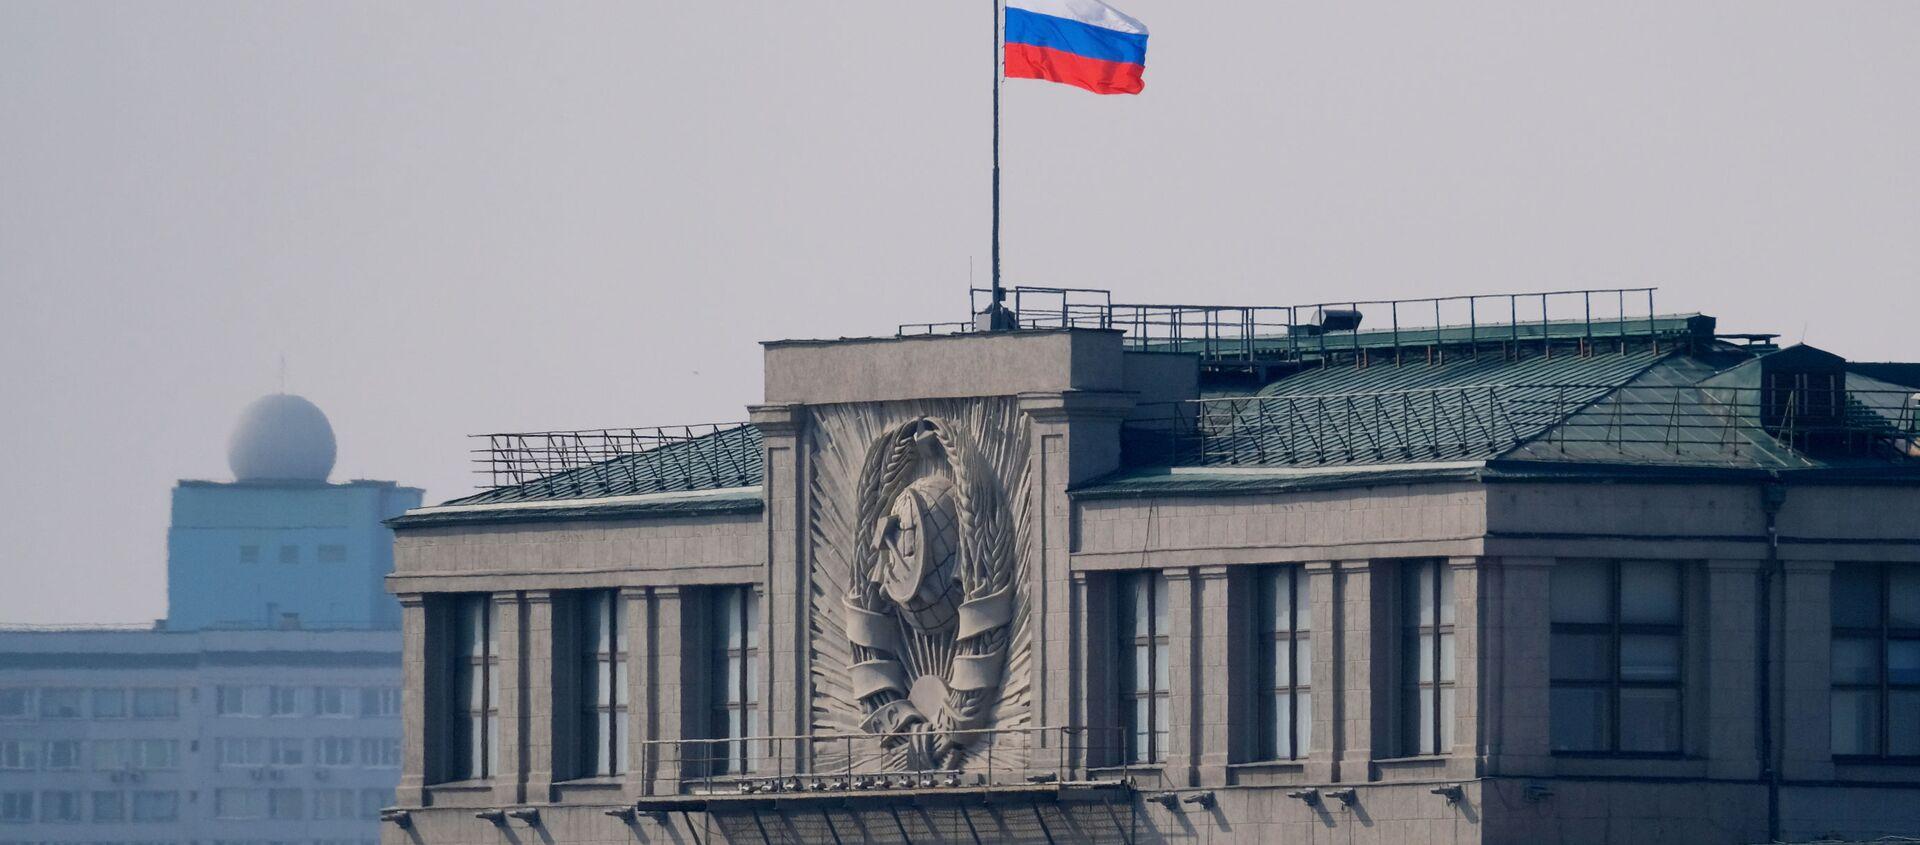 Флаг на здании Государственной Думы РФ на улице Охотный ряд в Москве - Sputnik Абхазия, 1920, 20.09.2021